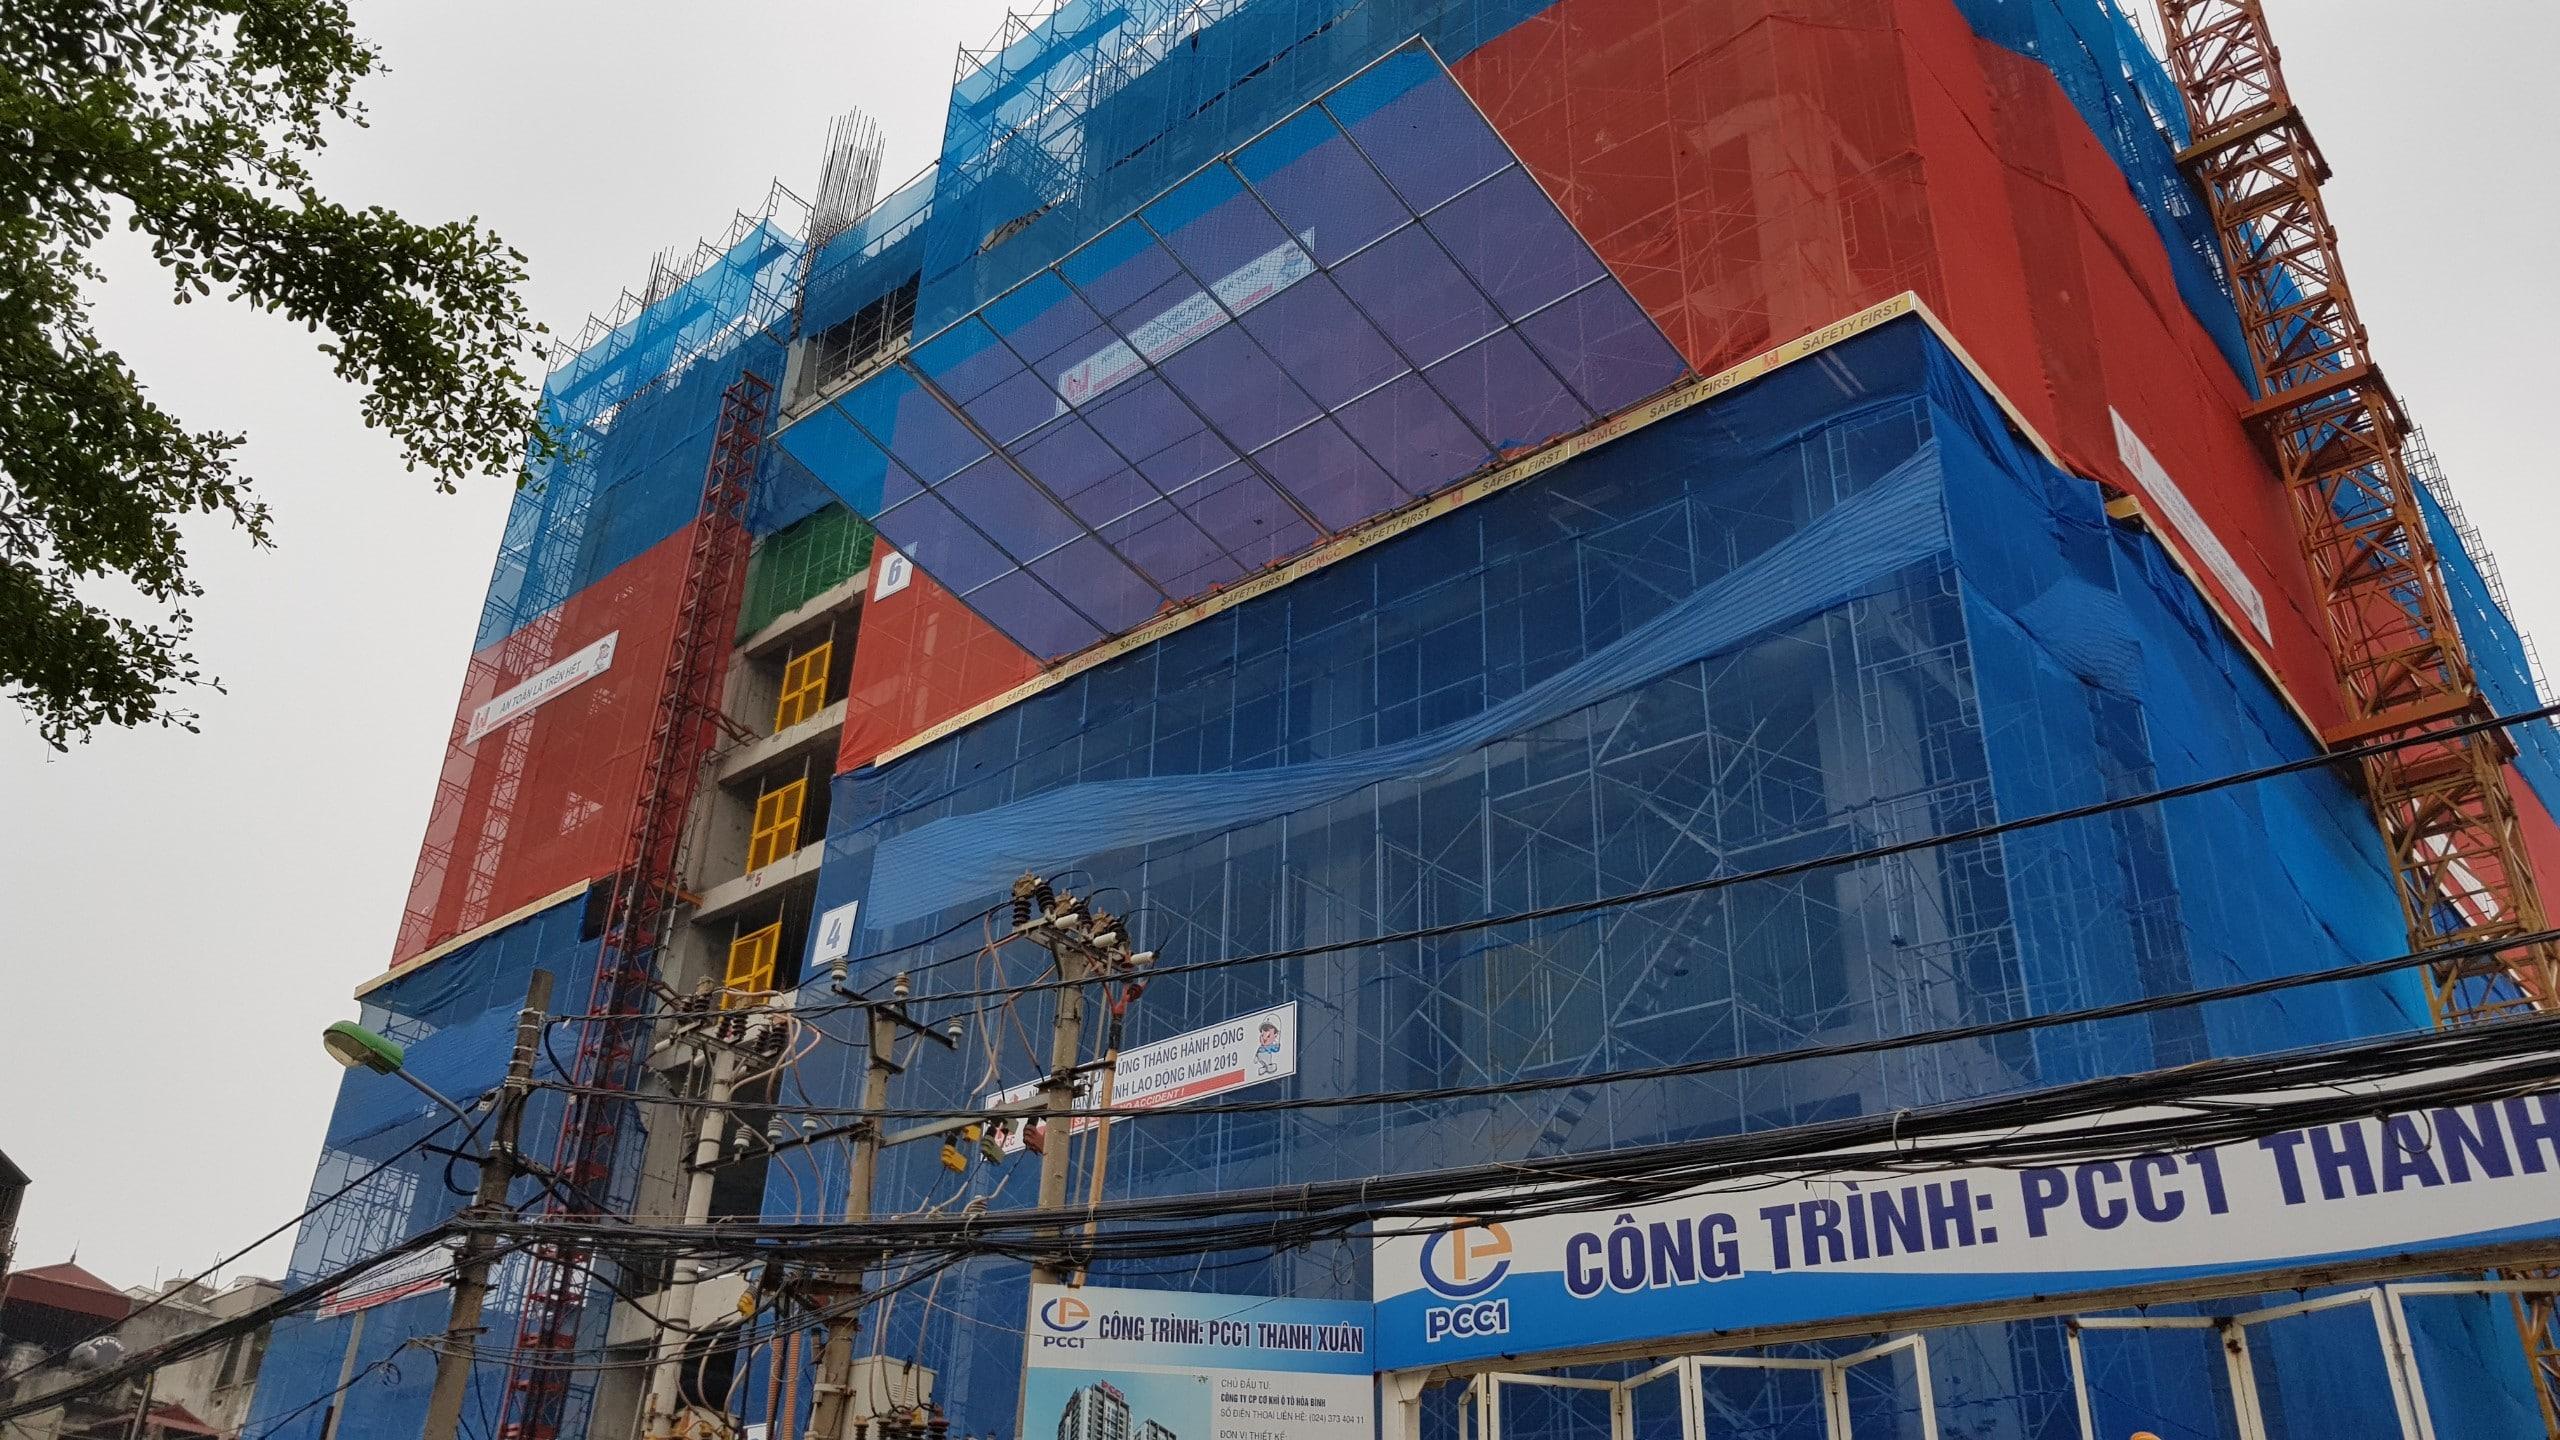 Dự án PCC1 Thanh Xuân 44 Triều Khúc